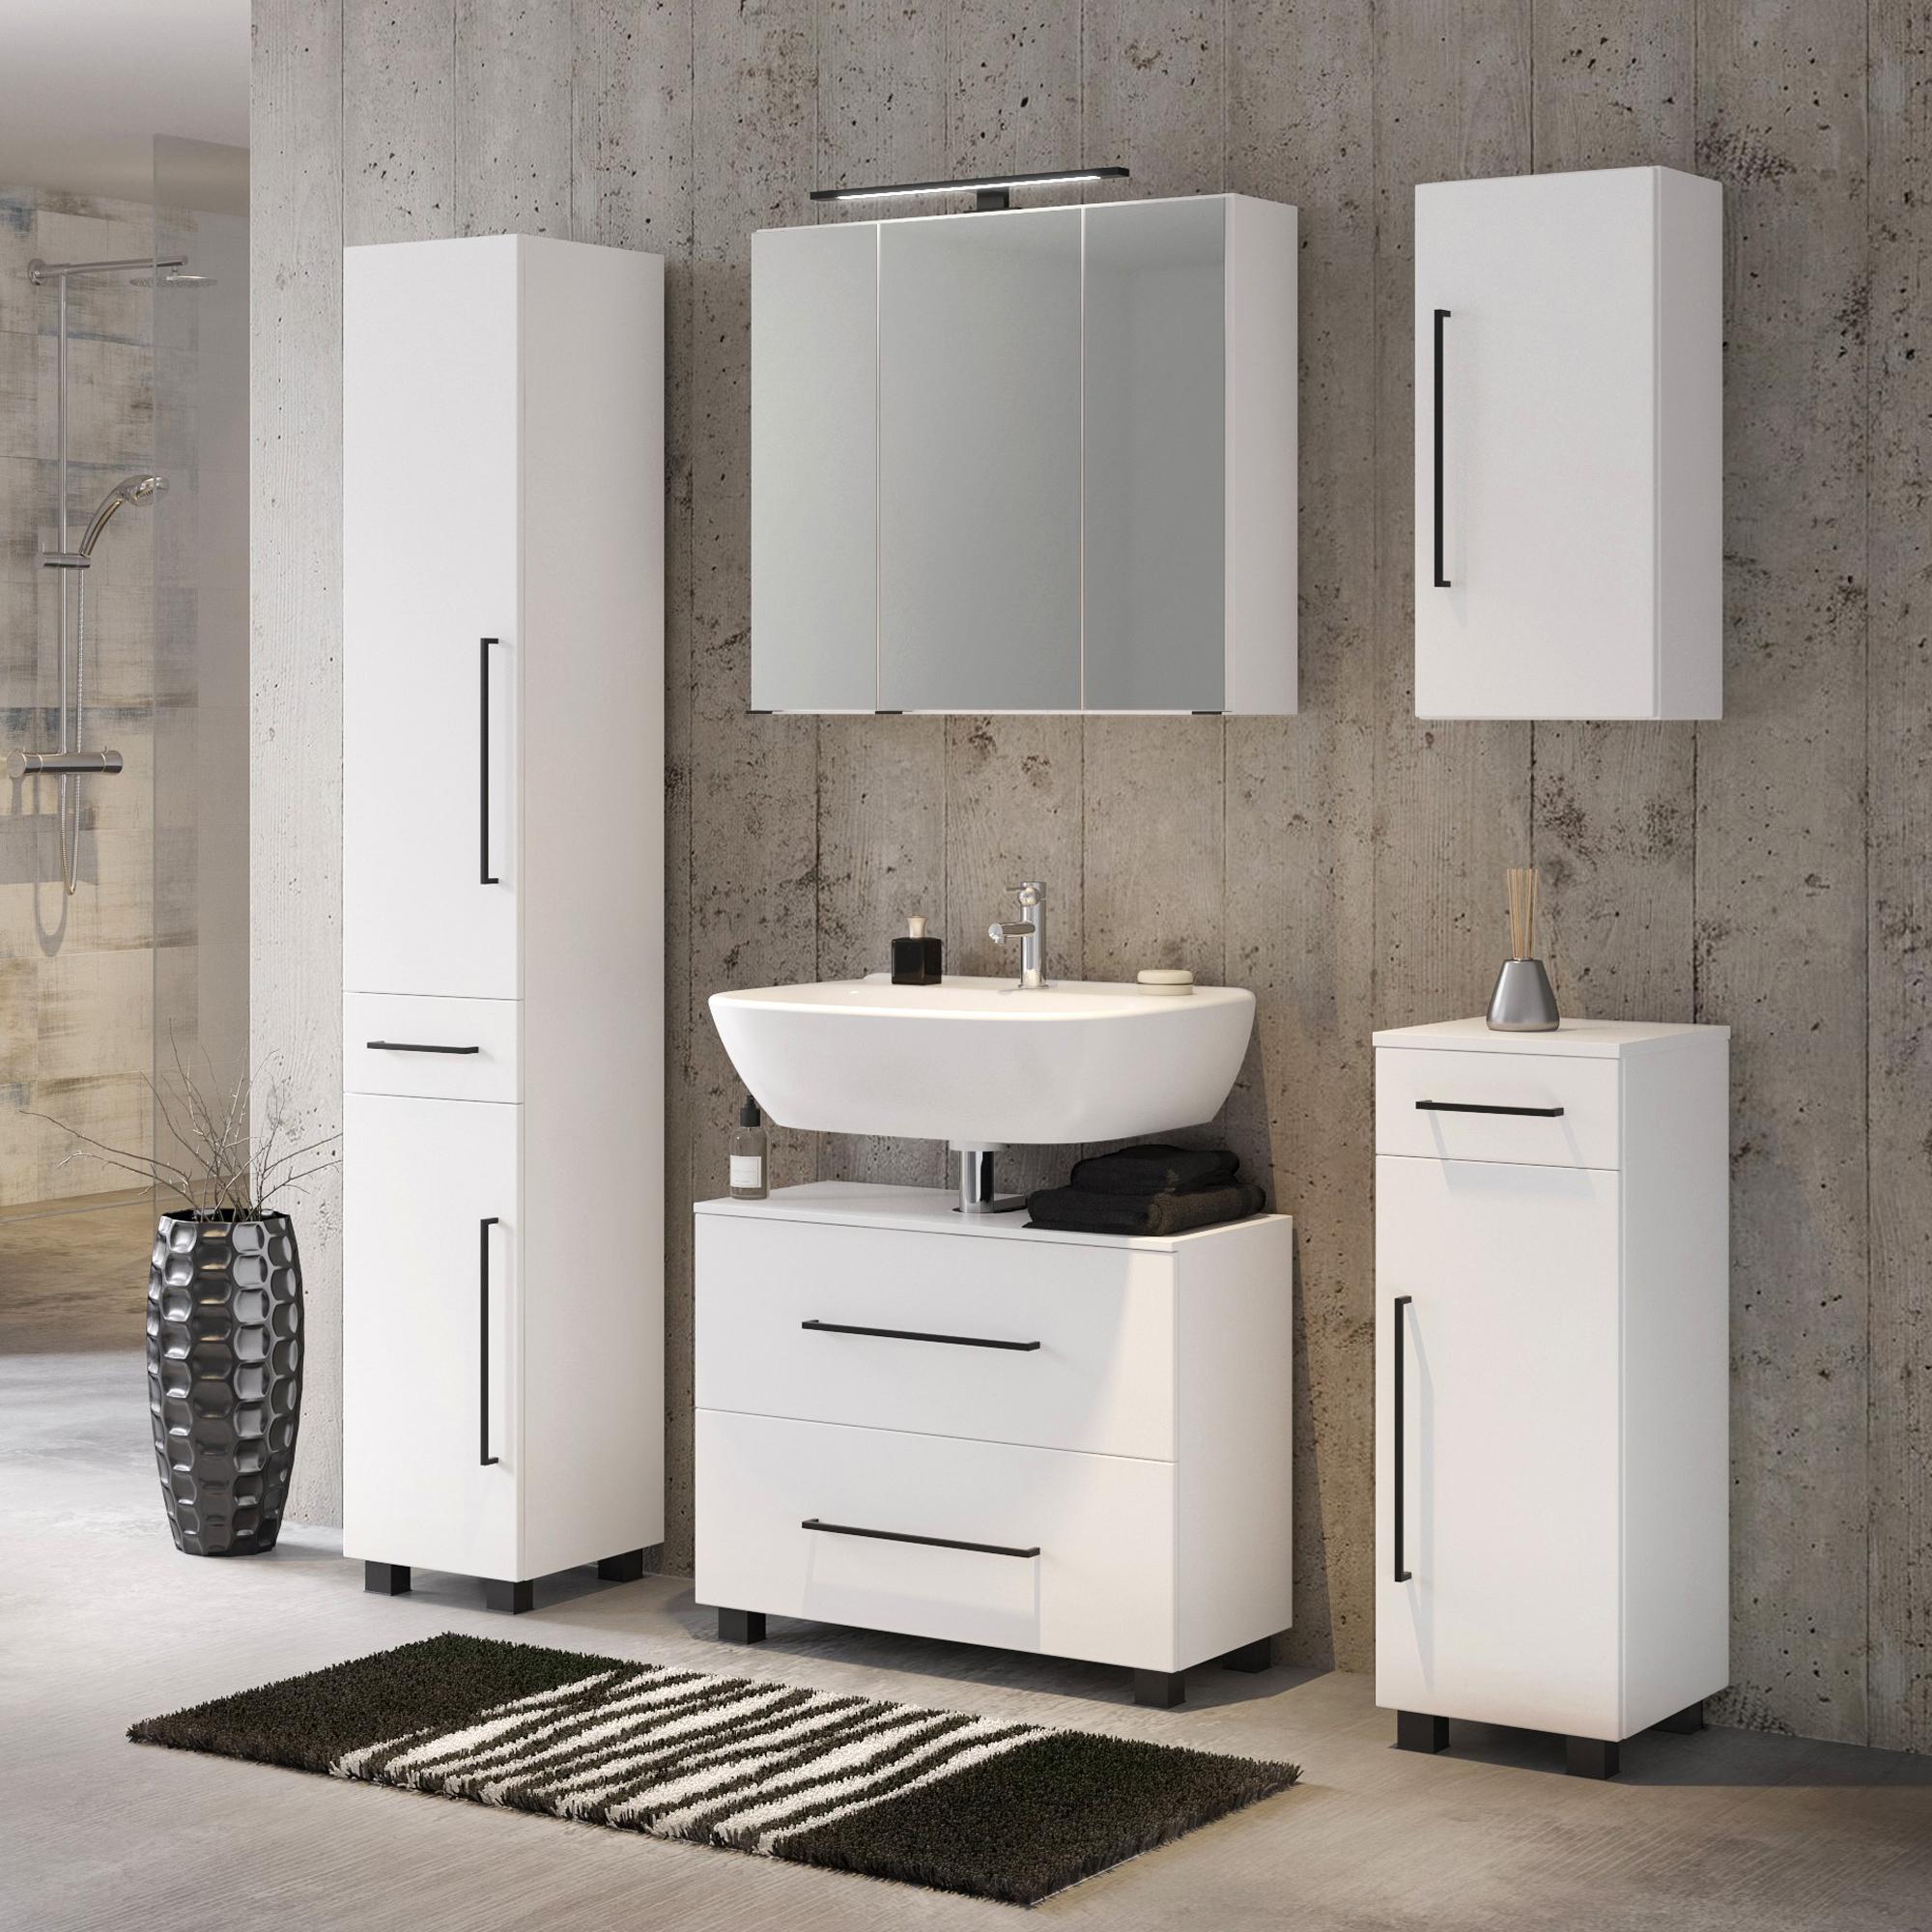 Bad-Waschbeckenschrank LUZERN - 166 Auszug, 166 Klappe - 16 cm breit - Weiß Matt